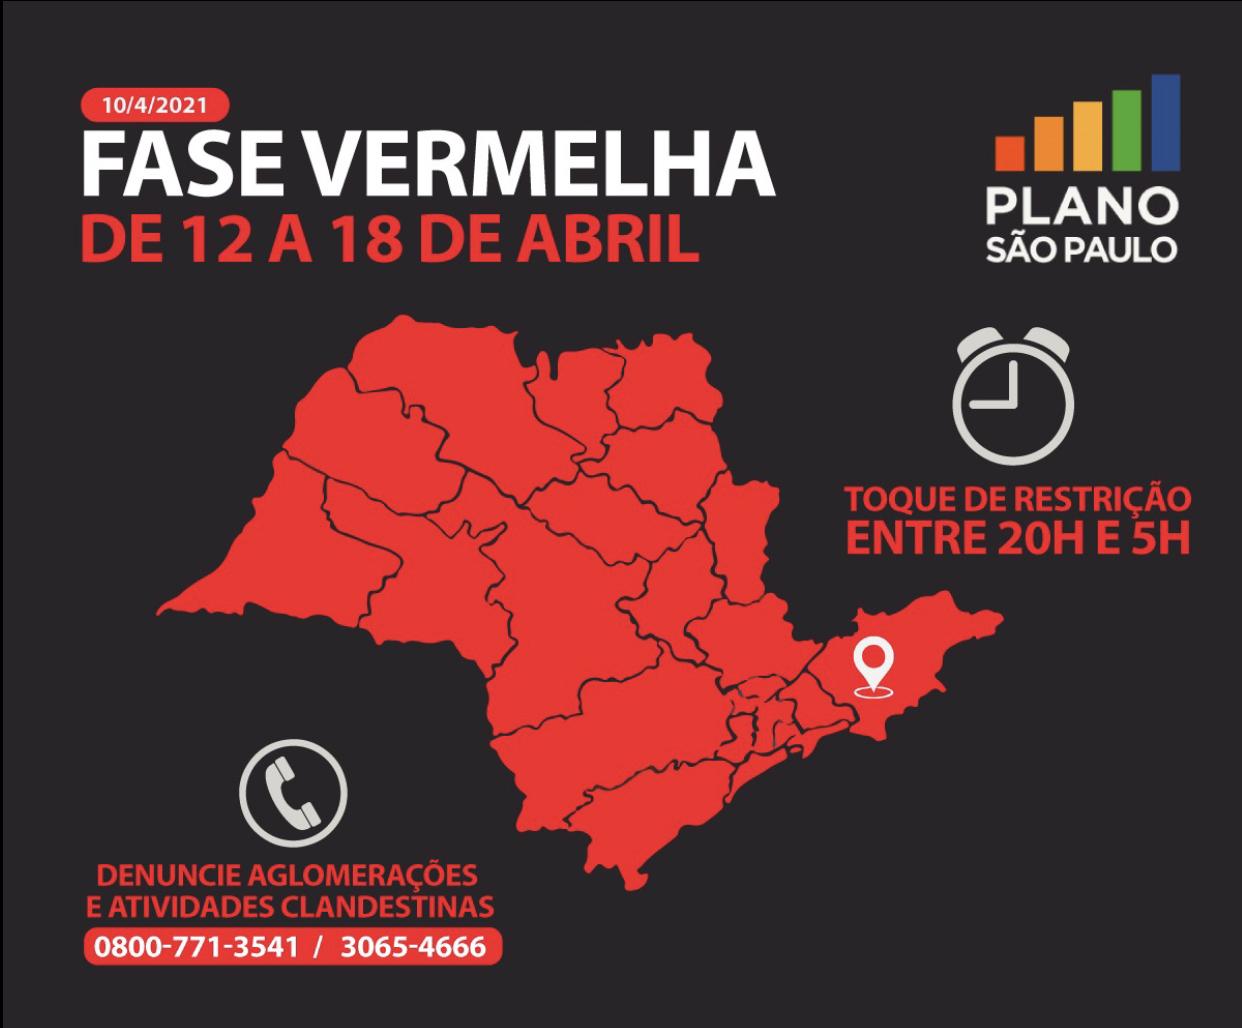 Prefeitura divulga decreto para fase vermelha em Jacareí